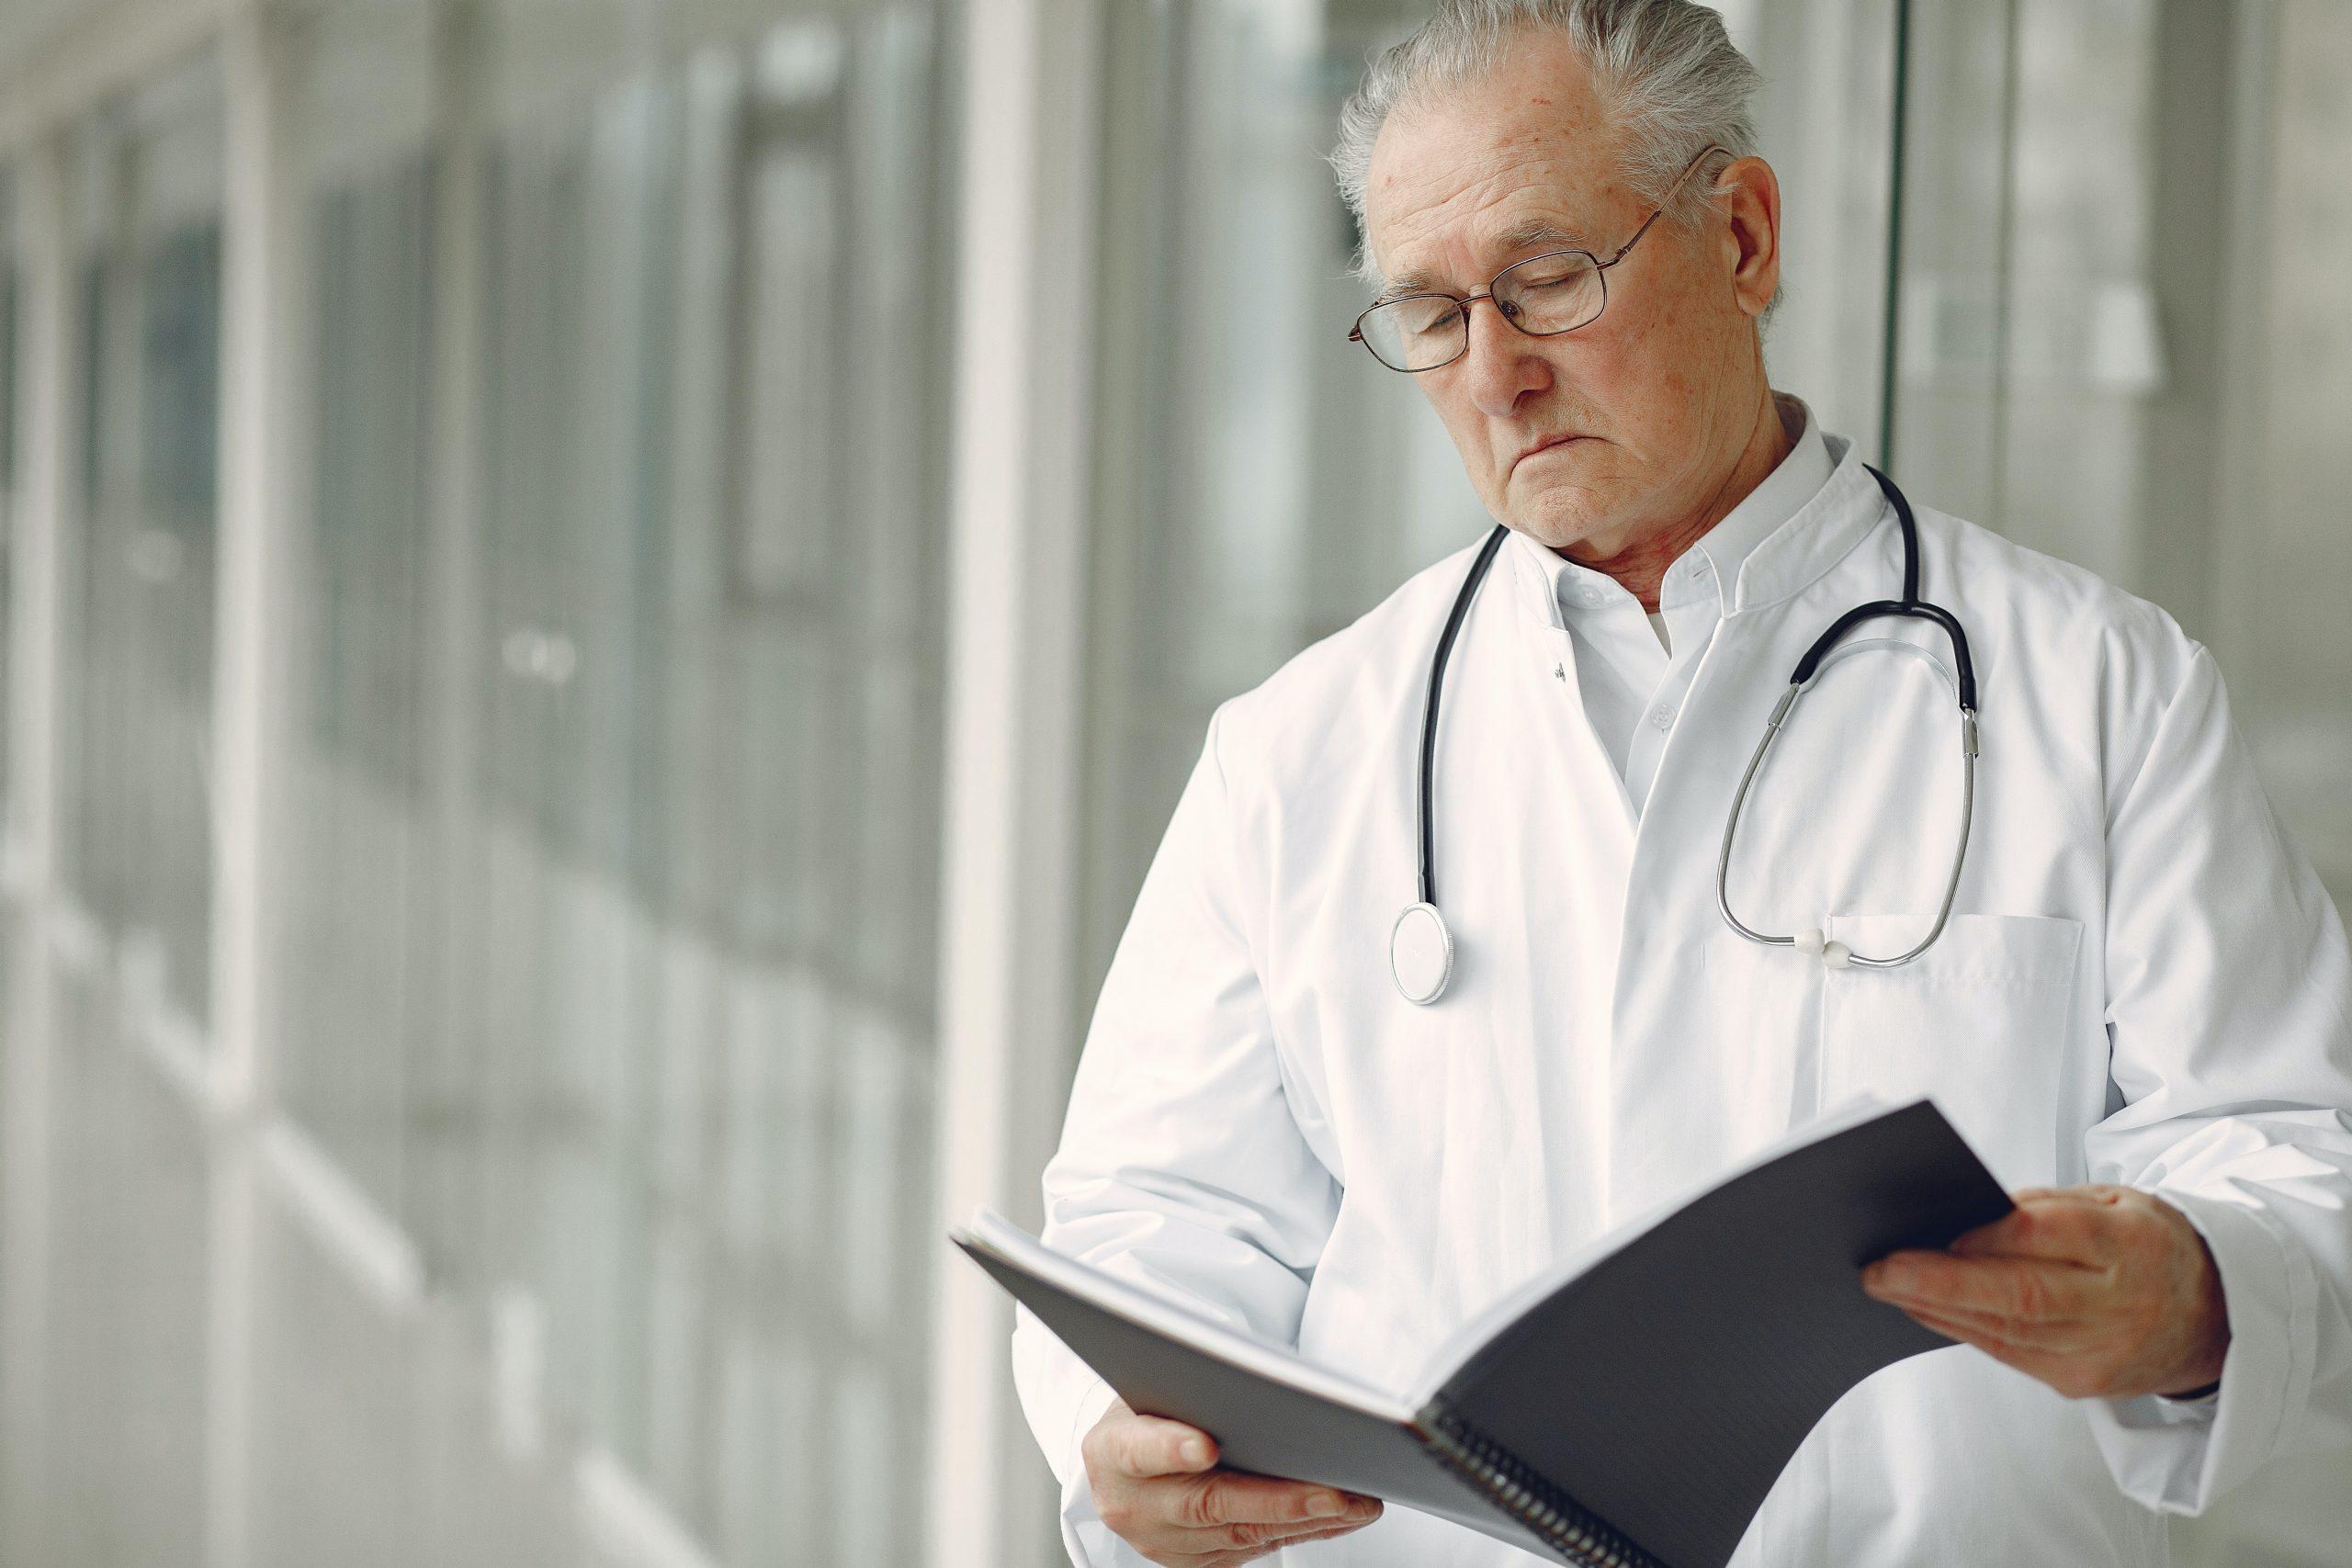 Вступили в силу новые требования к работам по организации здравоохранения и общественному здоровью